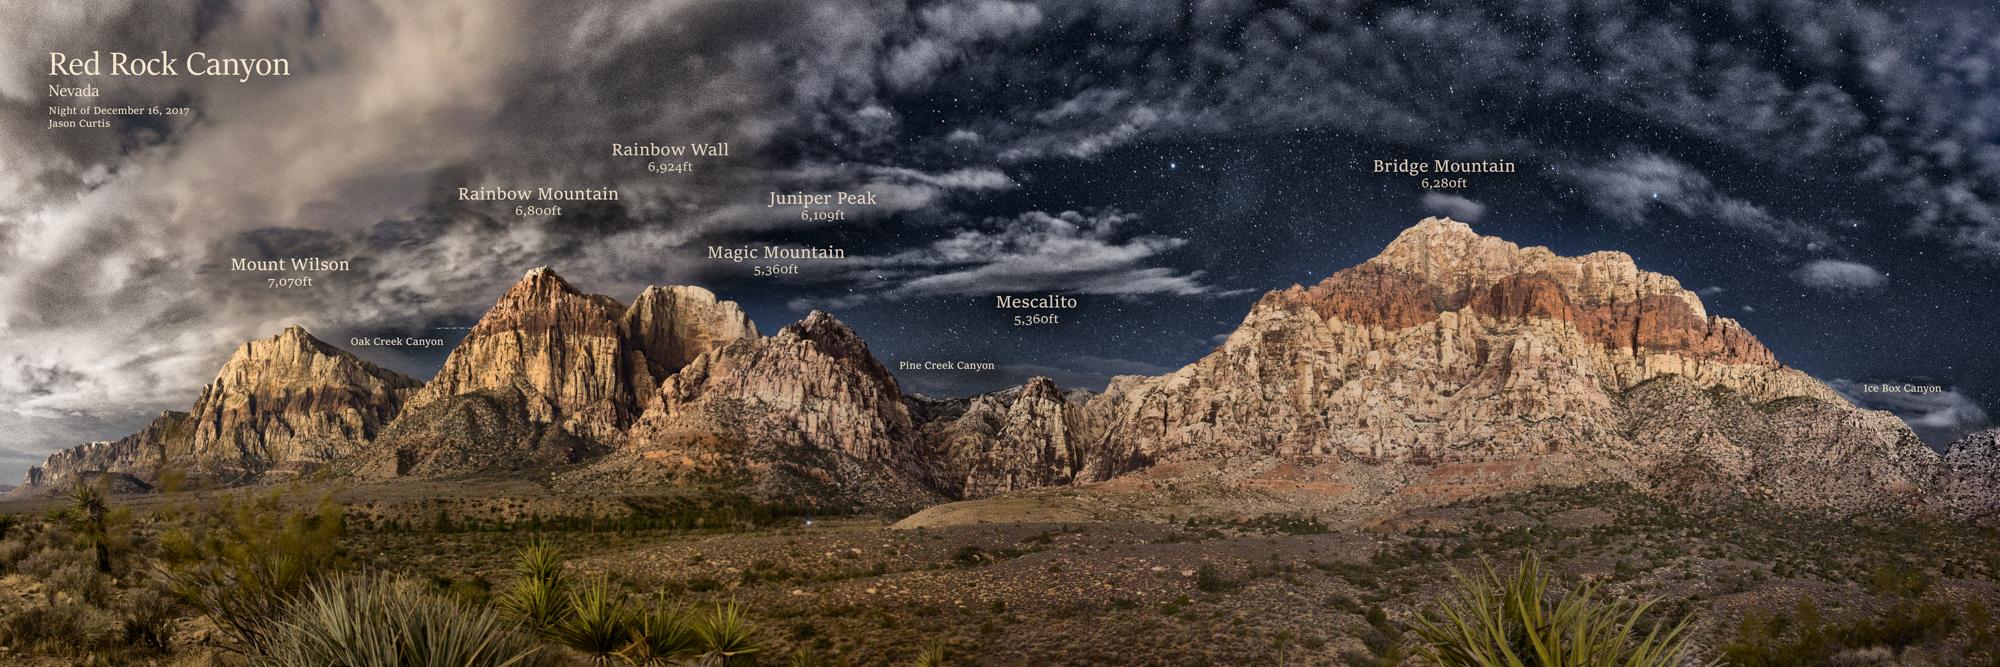 red rock canyon peak map pano